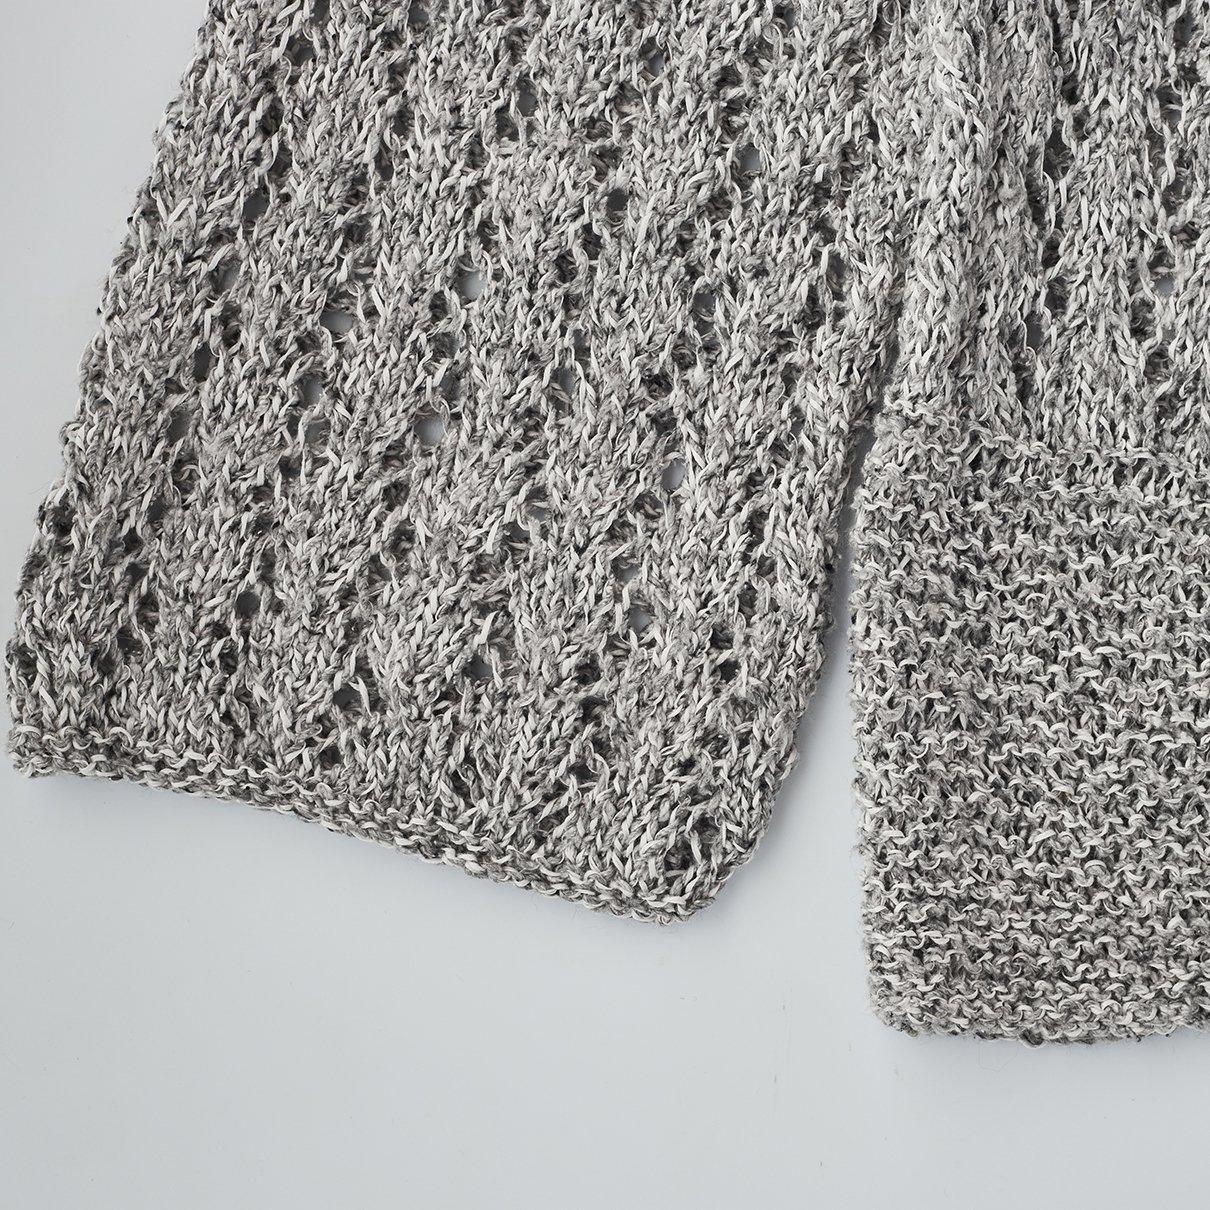 透かし編みまっすぐプルオーバー